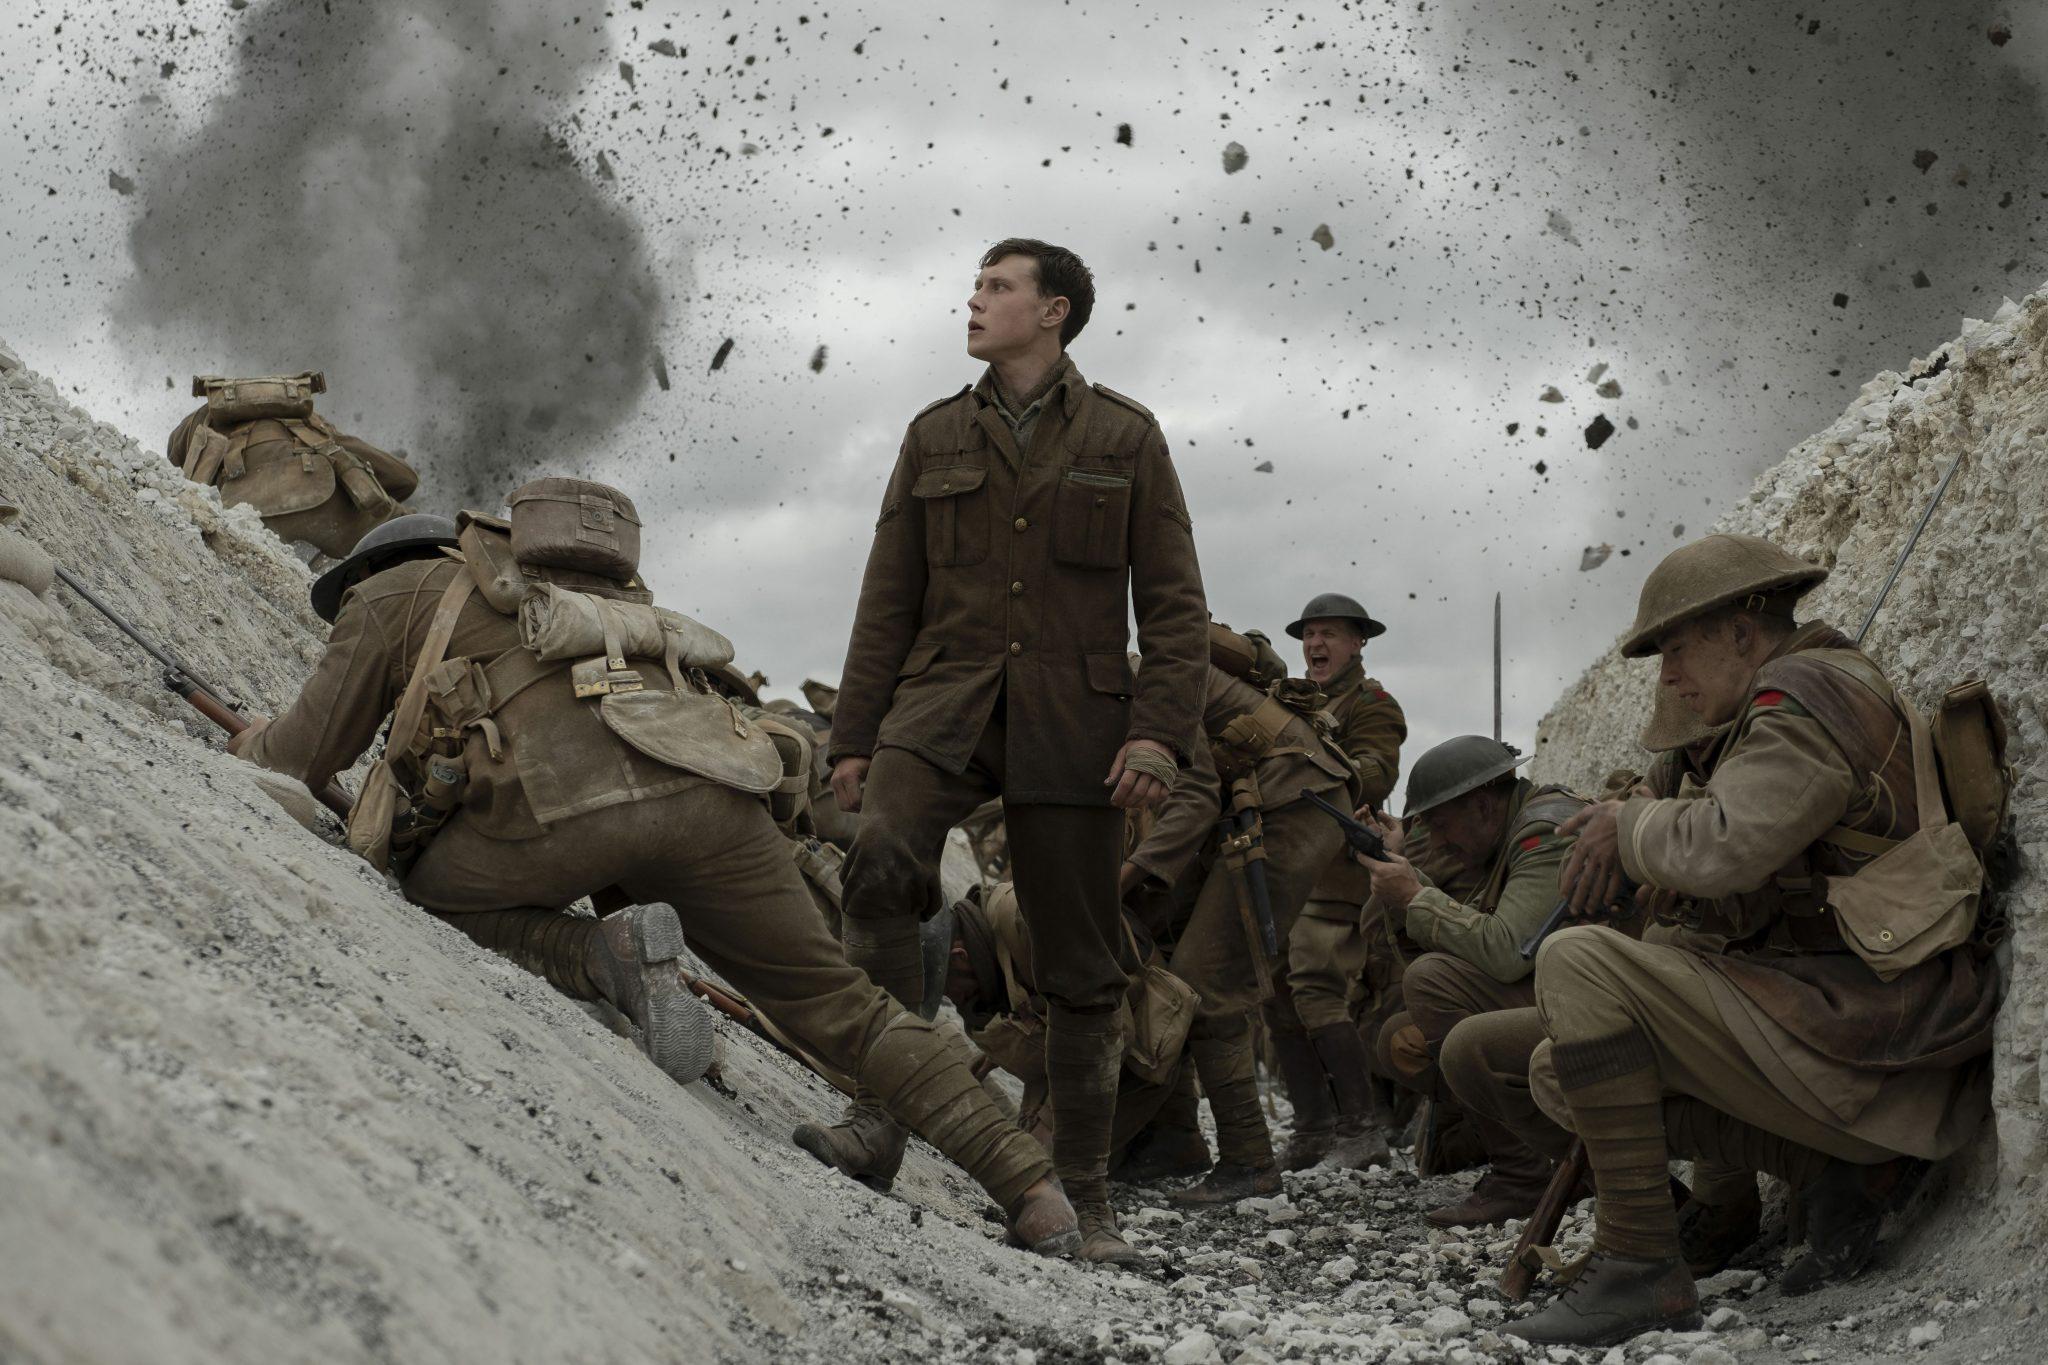 Dreckt fliegt durch einen Schützengraben mit angsterfüllten Soldaten im Film 1917